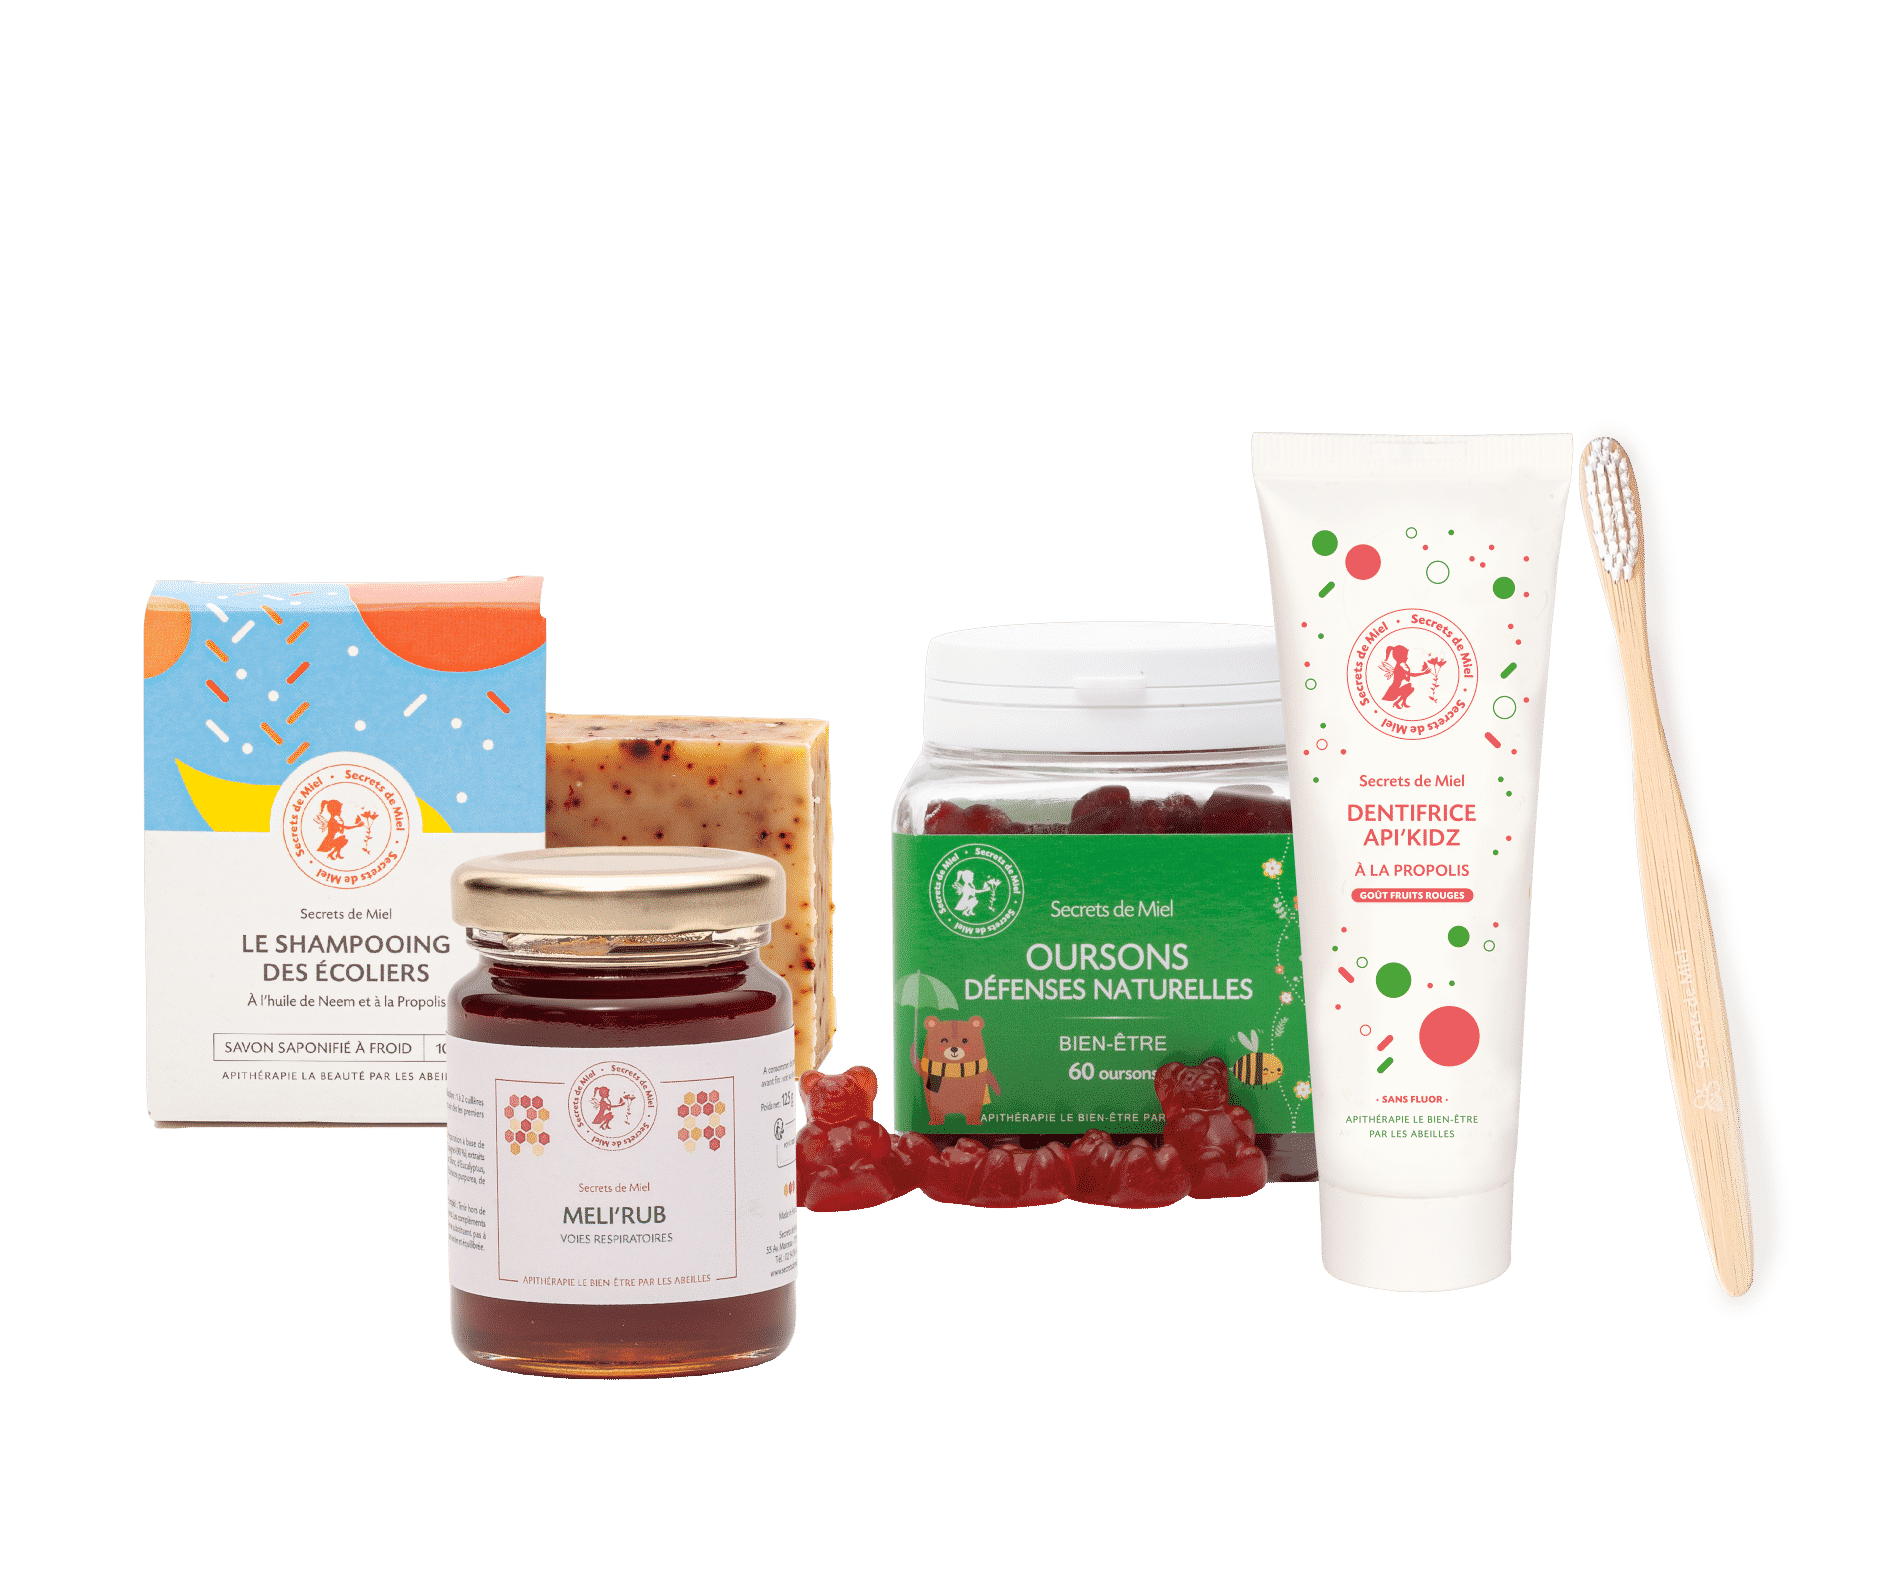 offre rentrée écoliers - compléments alimentaires - hygiène enfants - produits naturels - Secrets de Miel